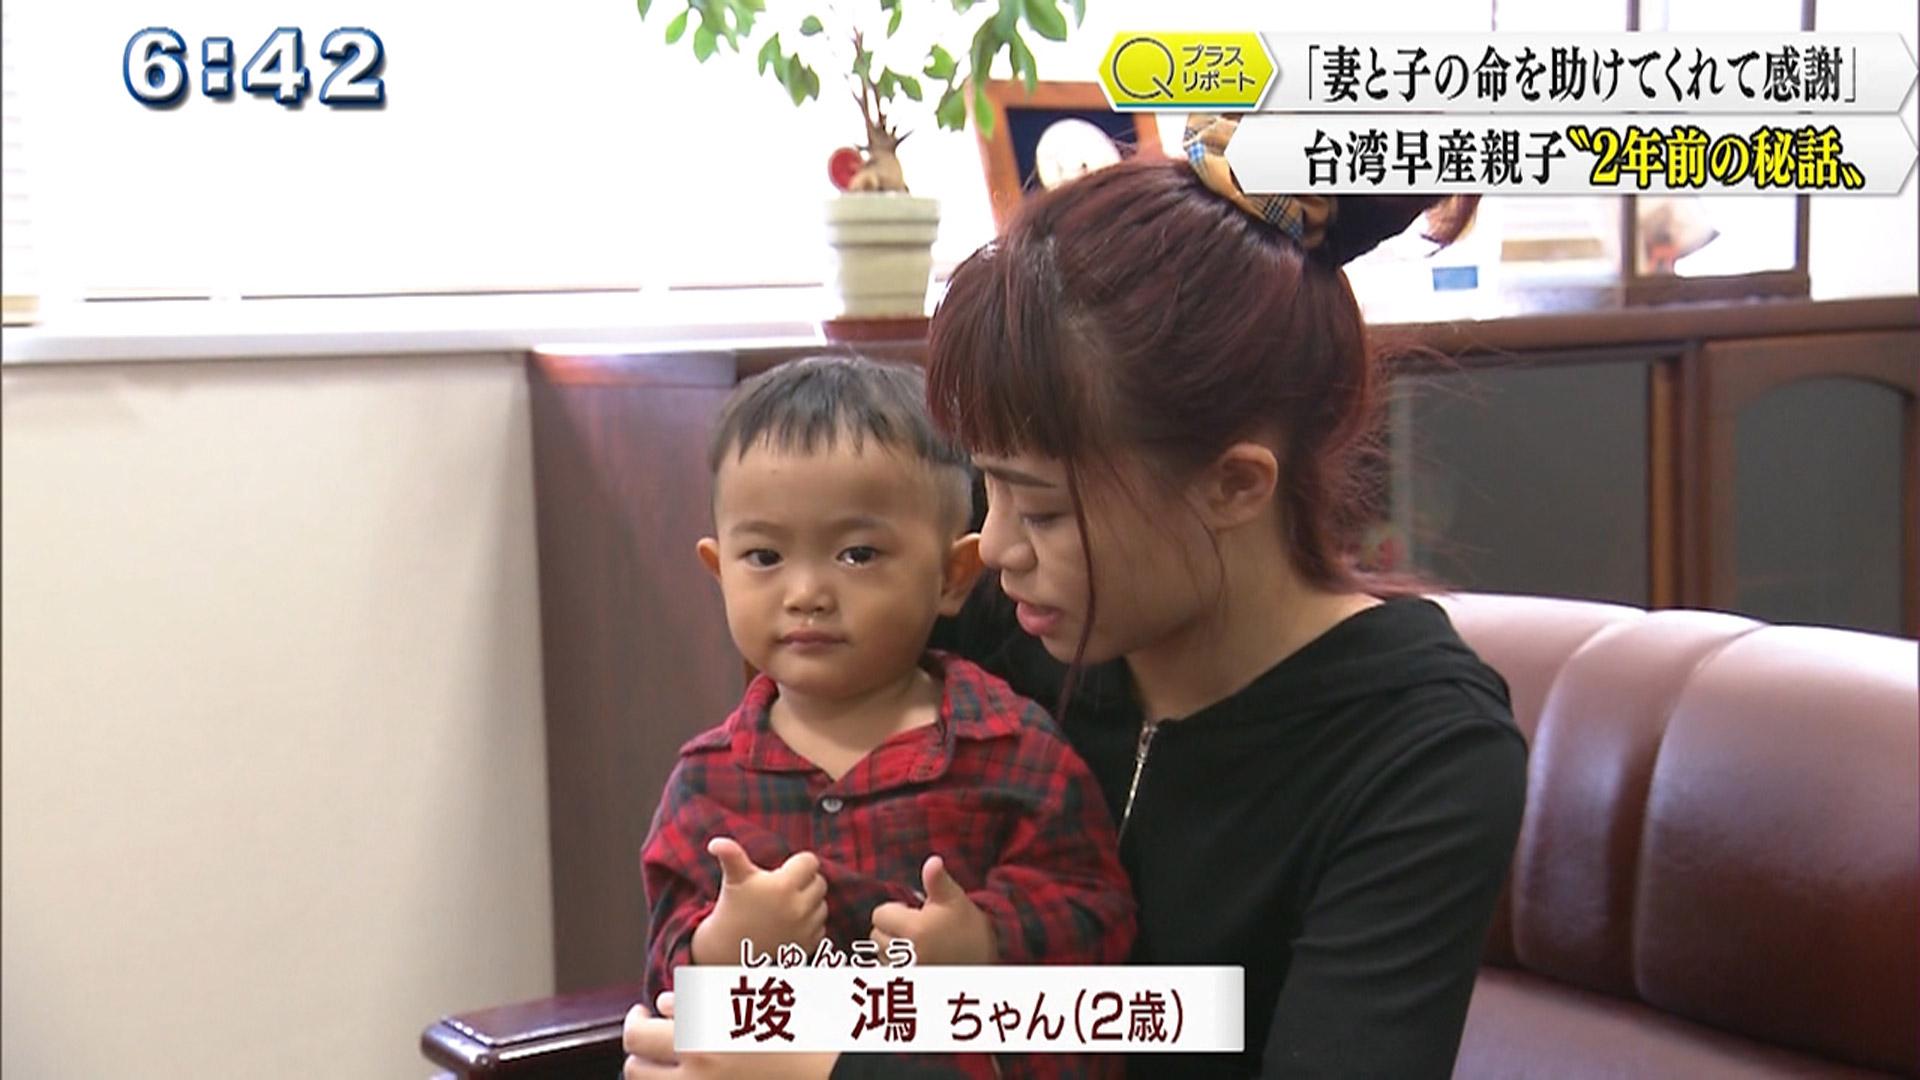 Qプラスリポート 多くの人の支援に感謝 台湾早産親子「2年前の秘話」